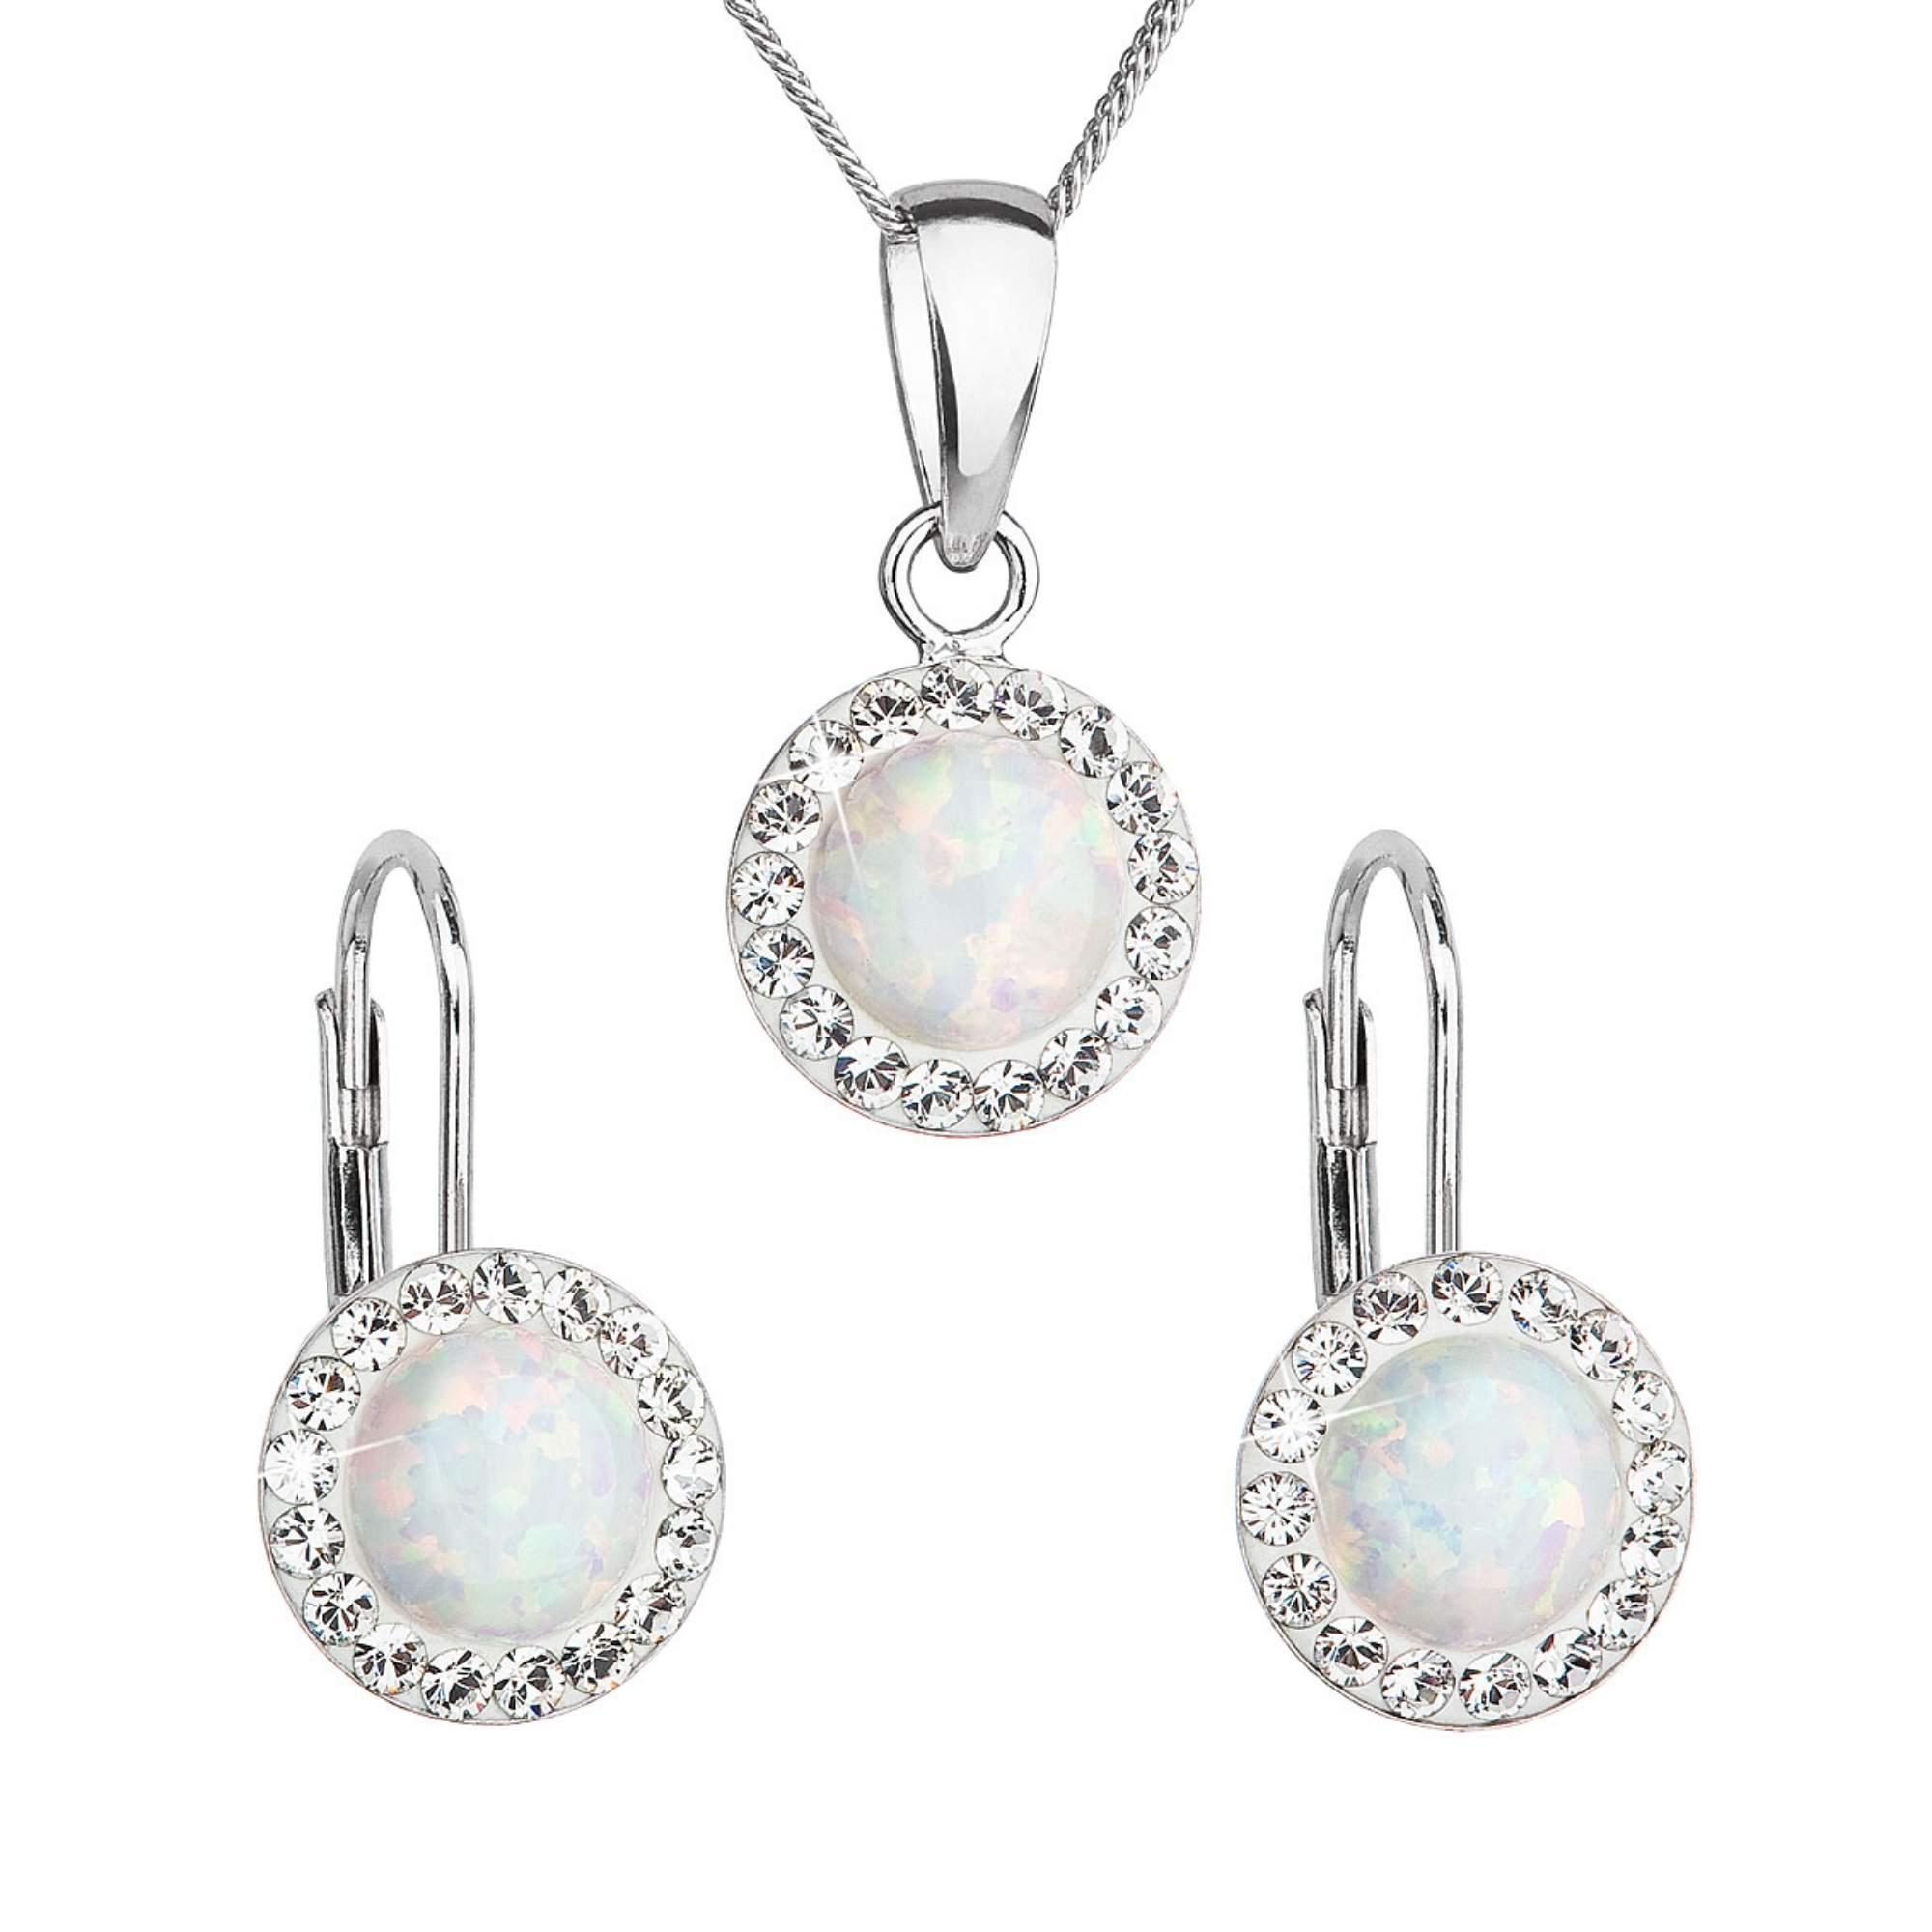 Sada šperků se syntetickým opálem a krystaly Swarovski náušnice a přívěšek bílé kulaté 39160.1